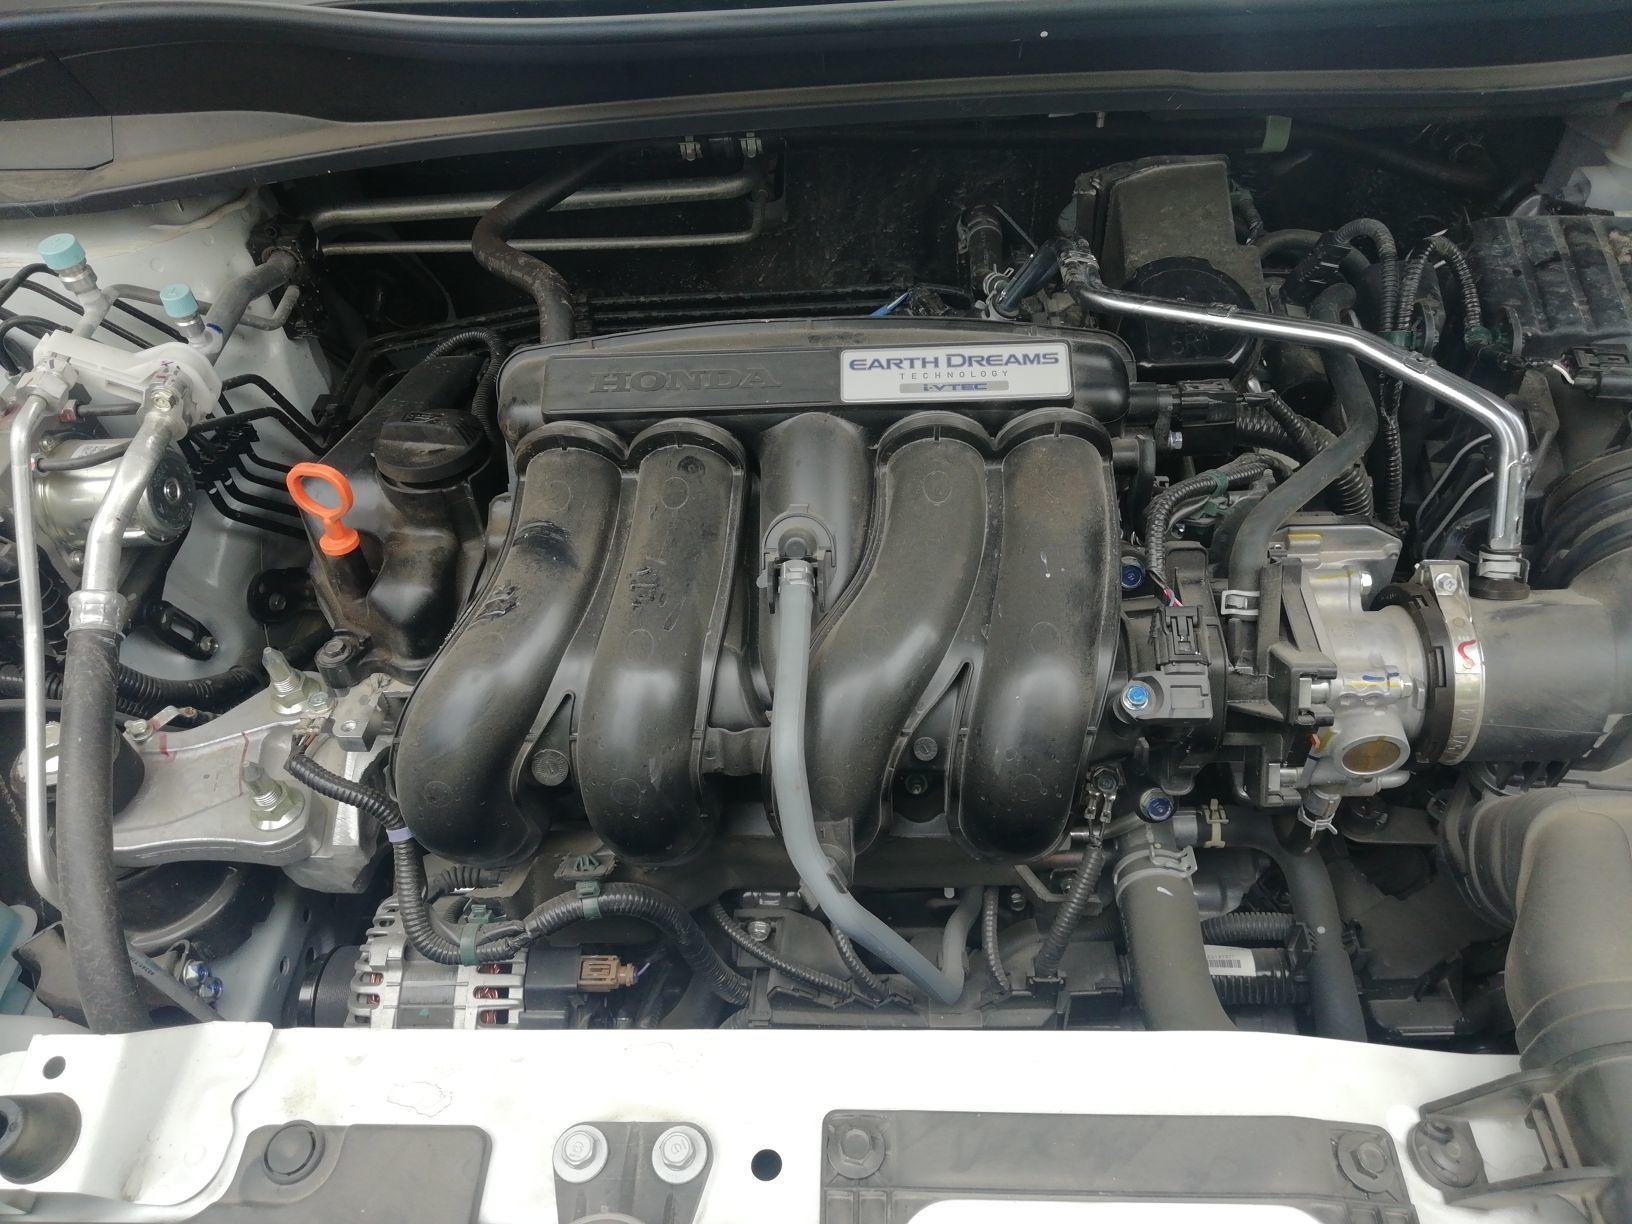 正常 8 vin号 正常 9 正时罩(链条) 正常 10 发动机总成 正常 11 电瓶